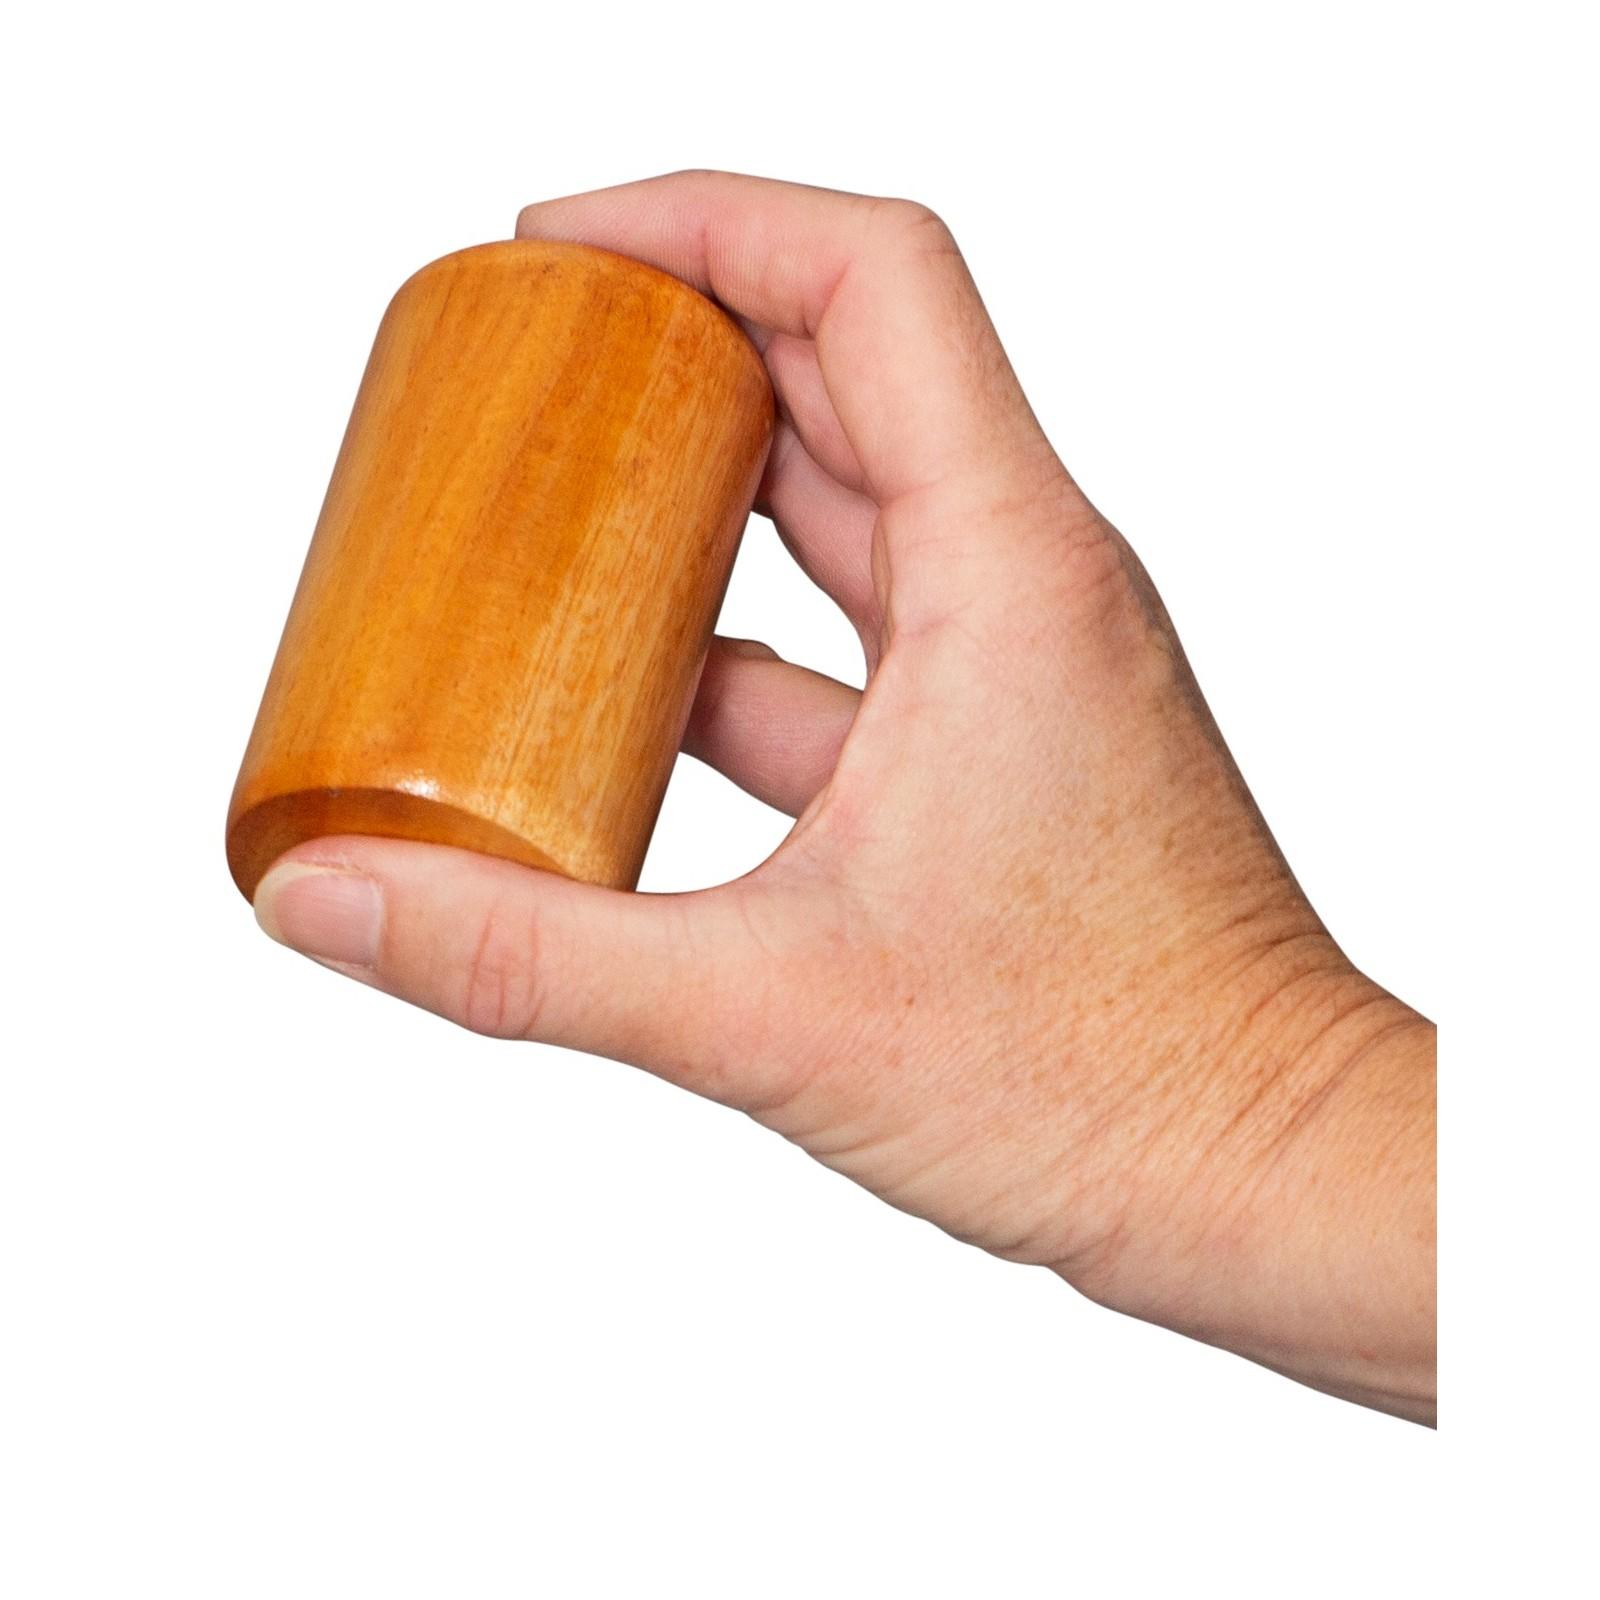 Mahogany shakerset - hand slagverk - musikinstrument för barn - lättvikt